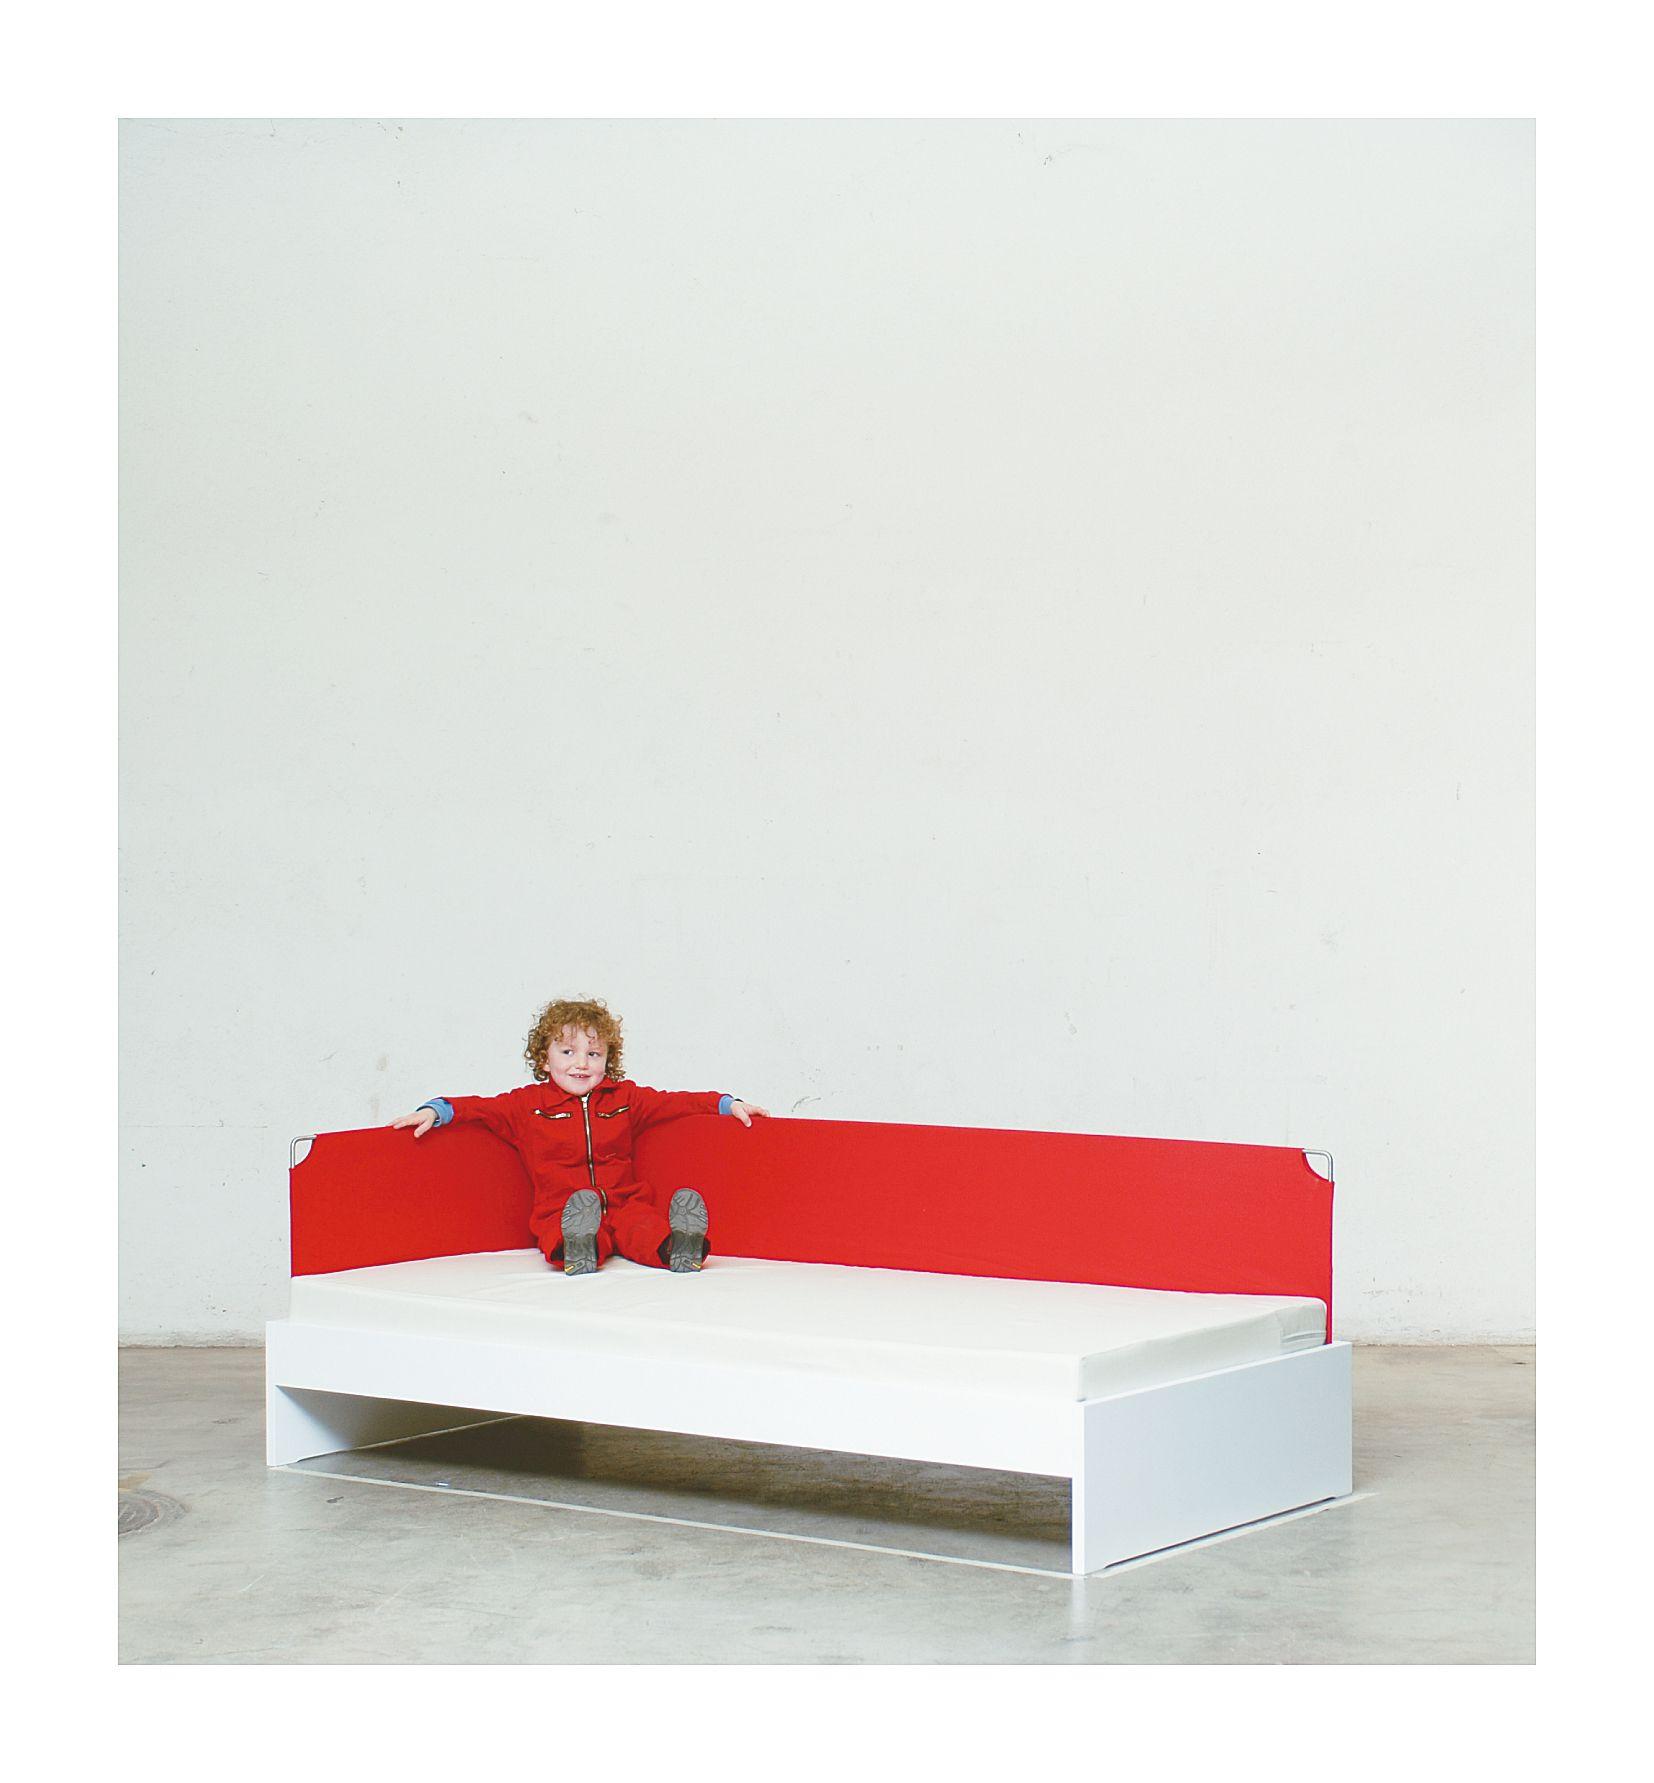 Amüsant Bett Größe Sammlung Von Das Hat Die Klassische Grösse Von 200